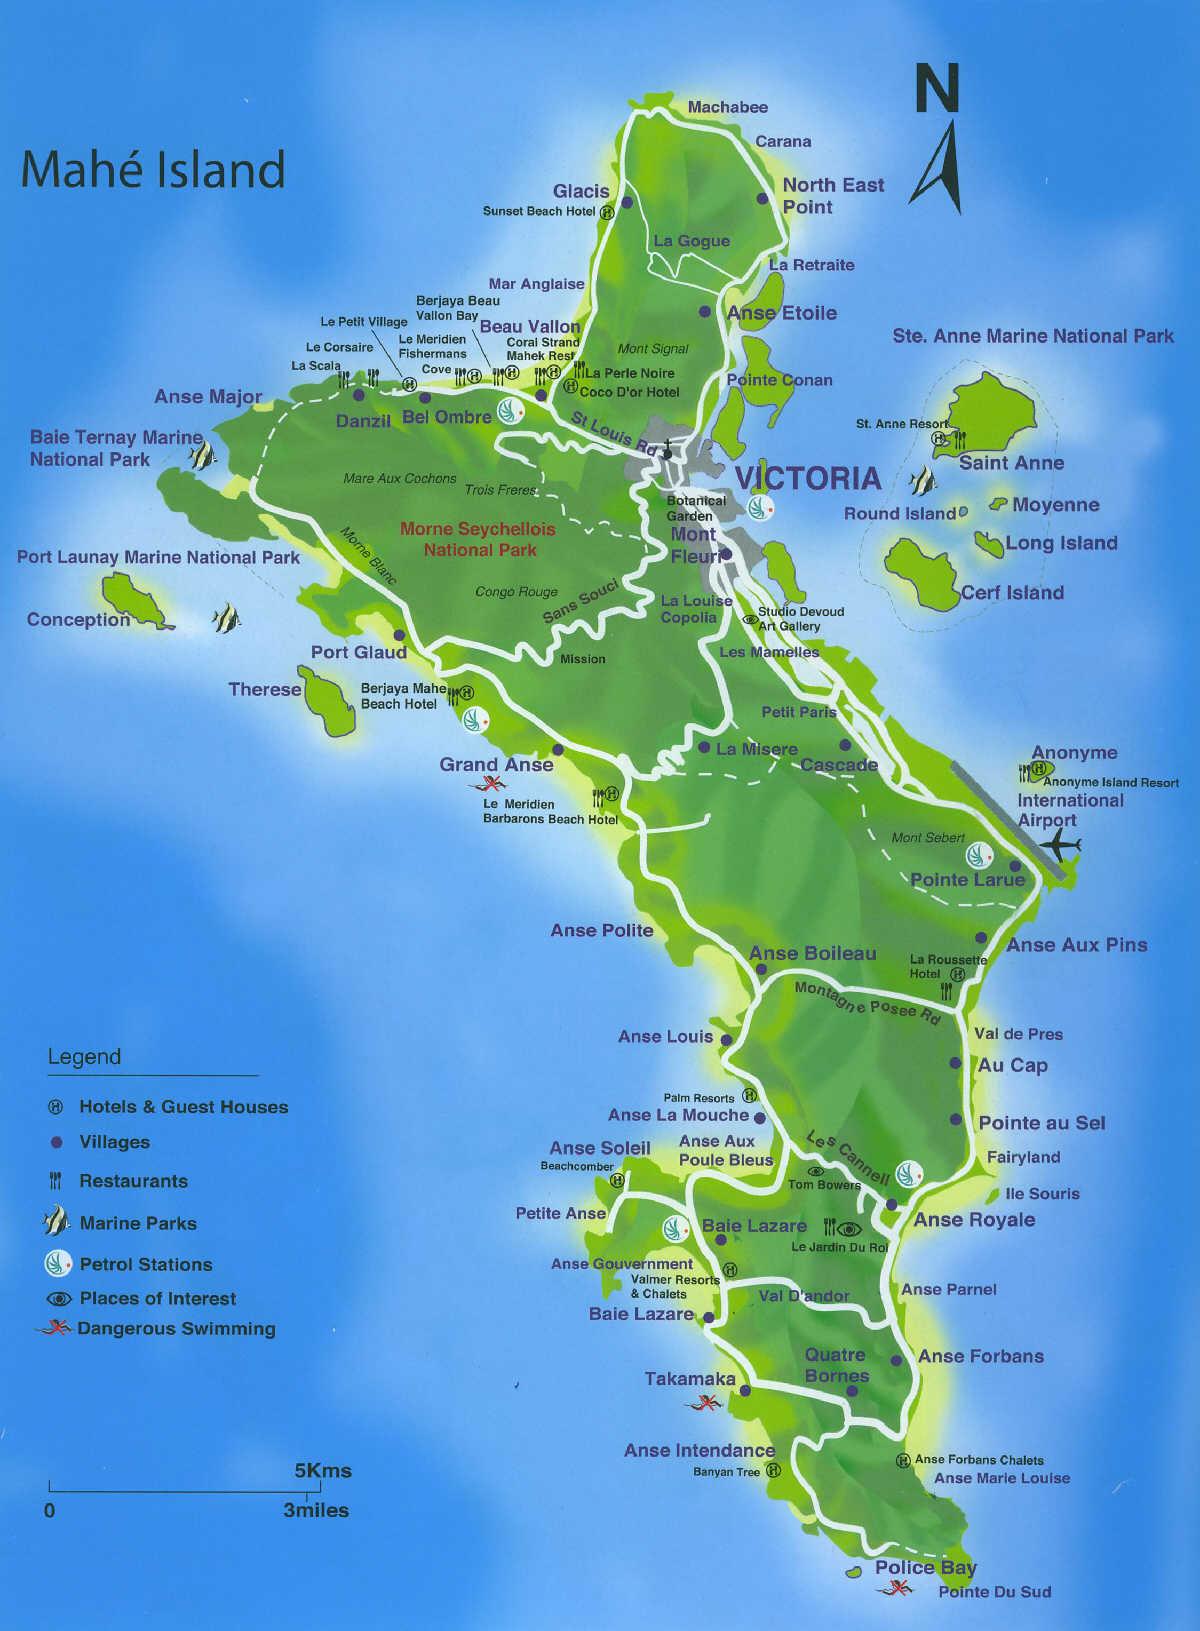 Острова зелёных черепашек - Mahé